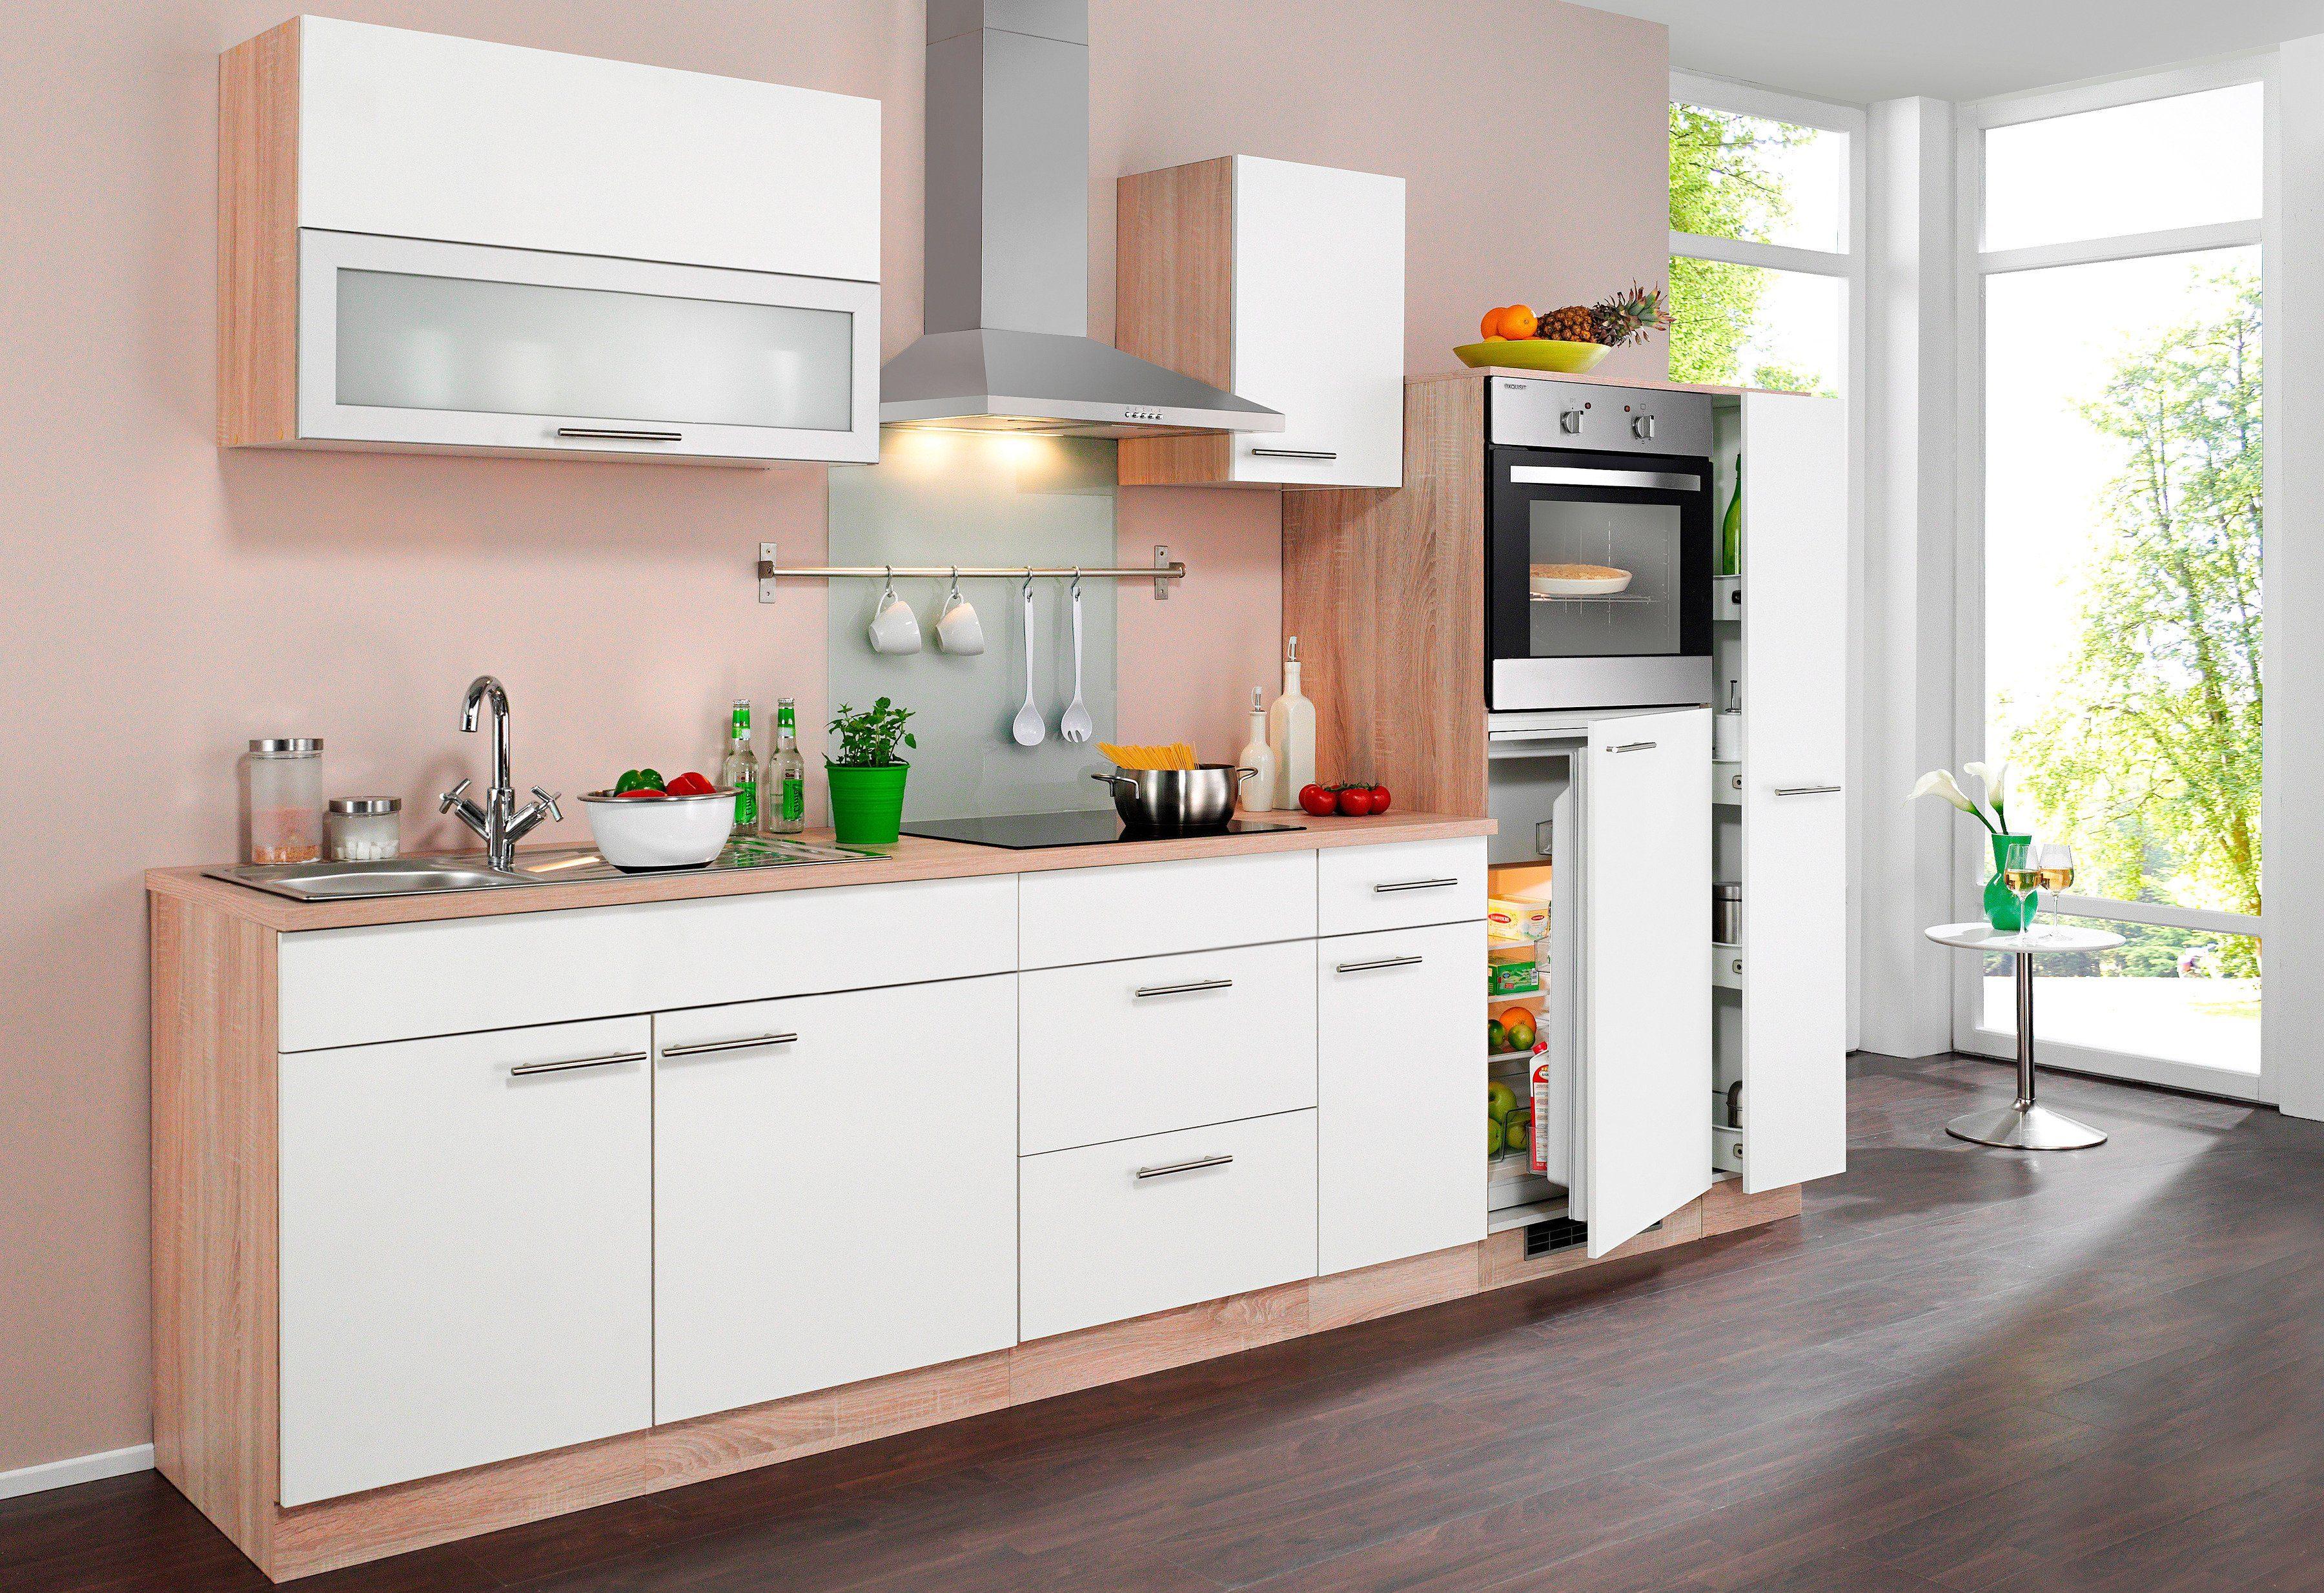 wiho k chen unterschrank montana breite 100 cm otto. Black Bedroom Furniture Sets. Home Design Ideas